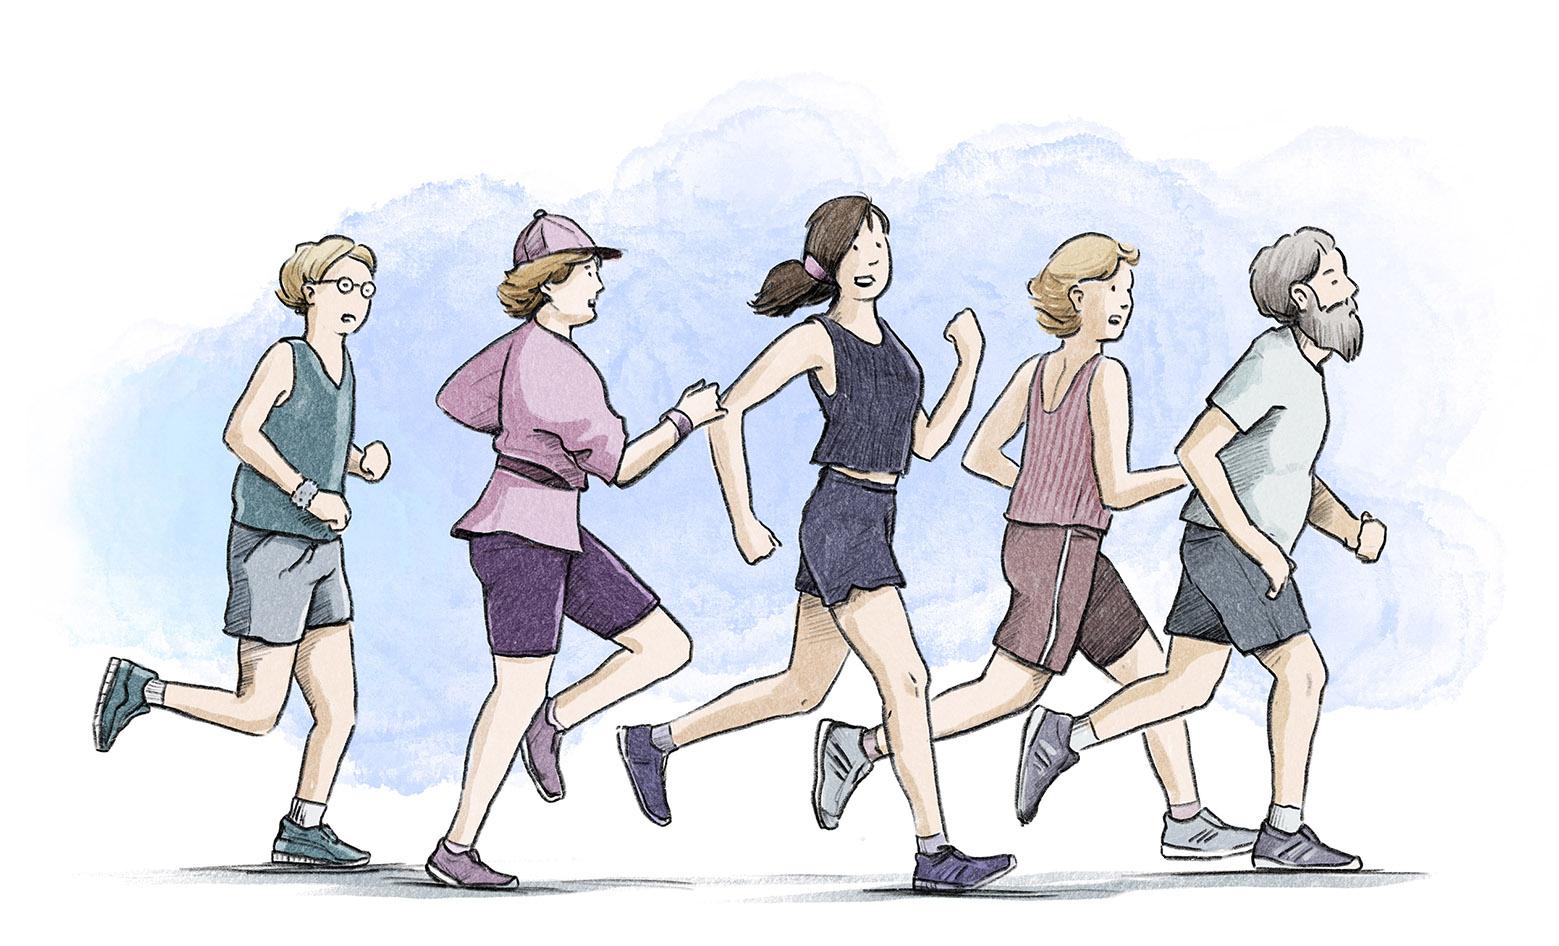 Marathon__Picture